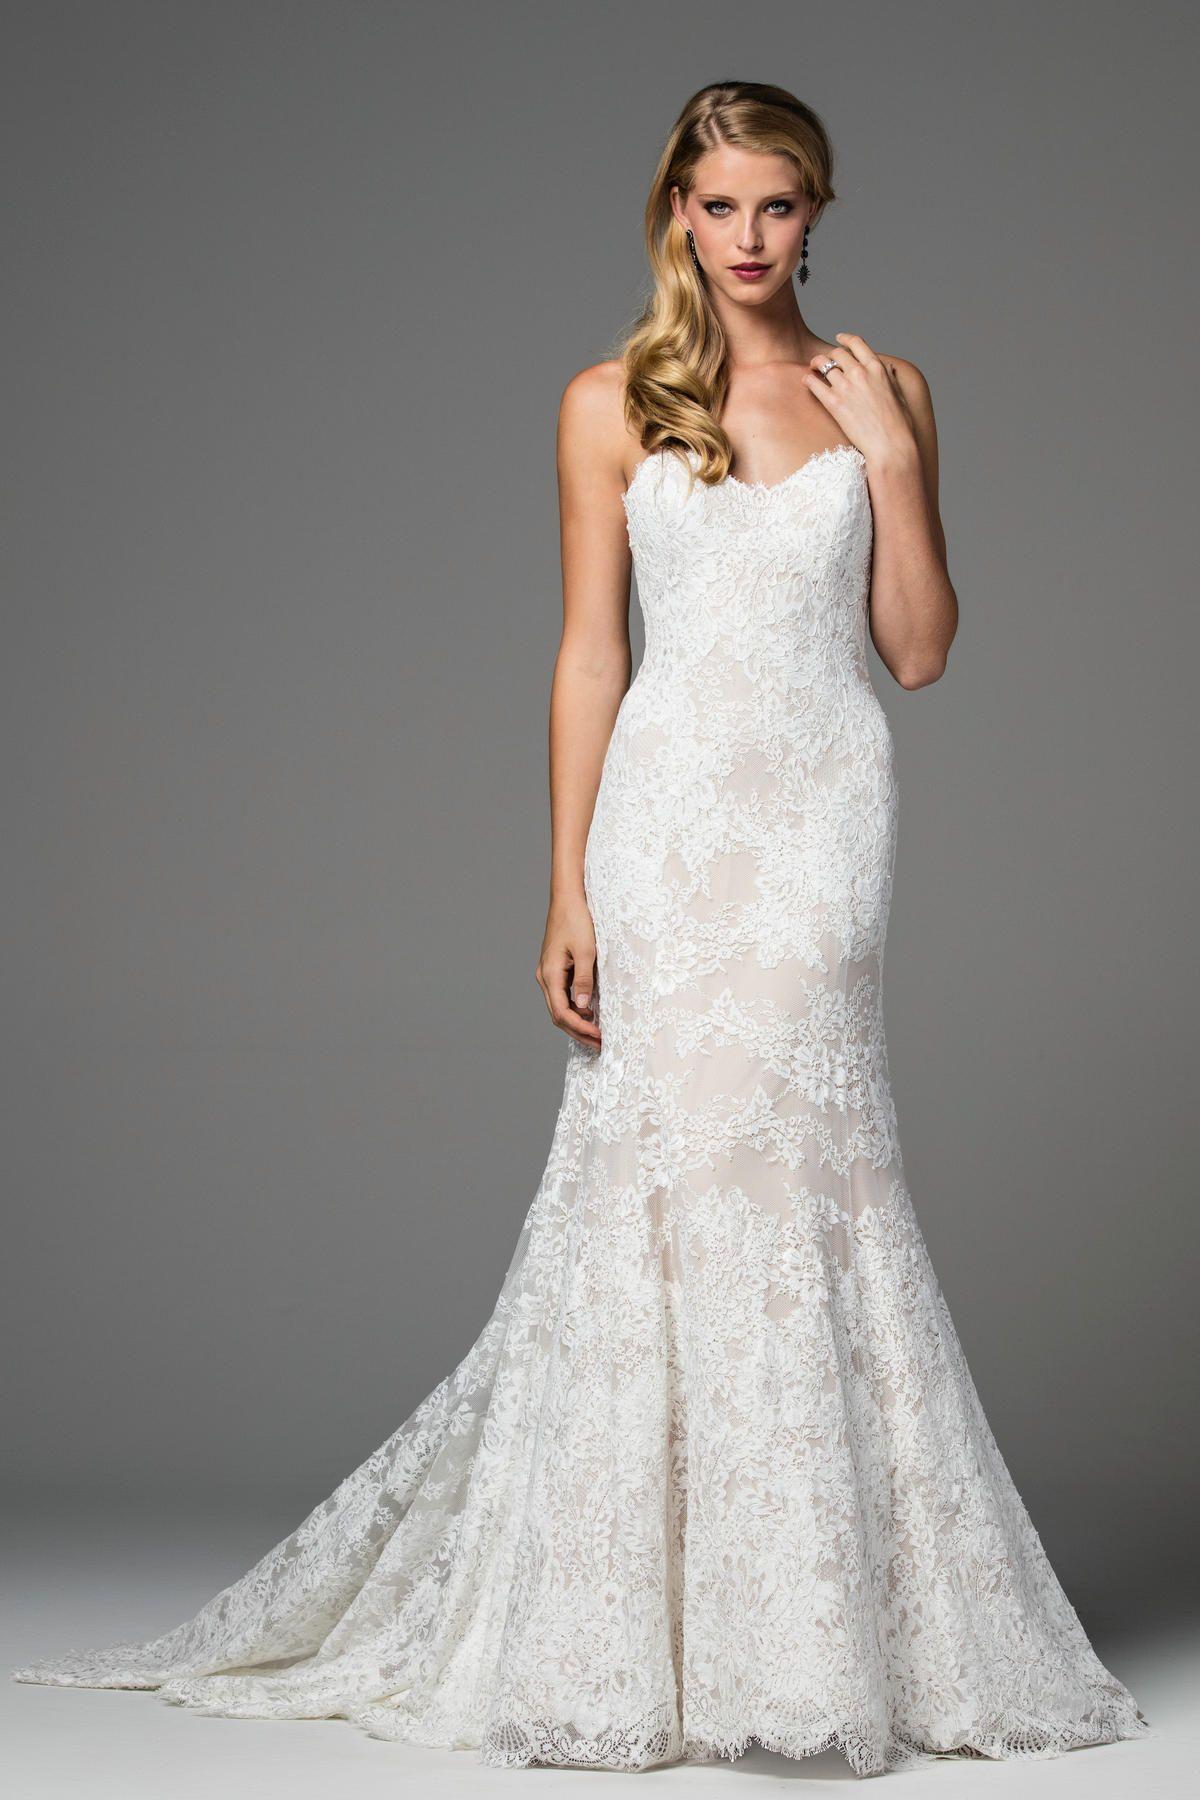 Velma 2020b brides watters wedding dresspaper and petal bridals by lori watters brides atlanta ombrellifo Images